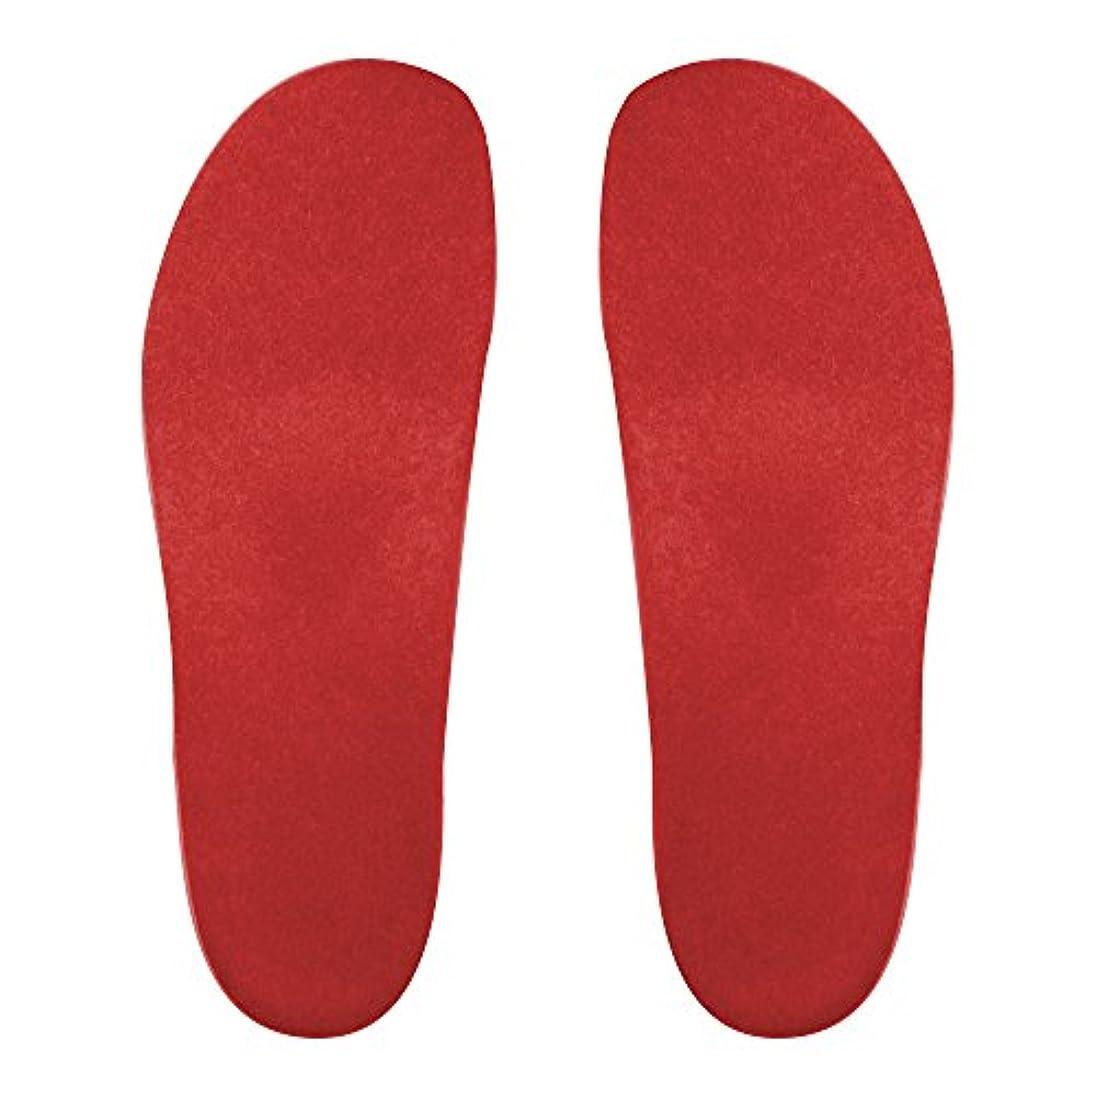 専門化するスイのスコアプレミアムルームシューズ「フットローブ ピエモンテ / footrobe Piemonte」専用外反母趾対策フェルトインソール(レッド)女性用 23.0cm